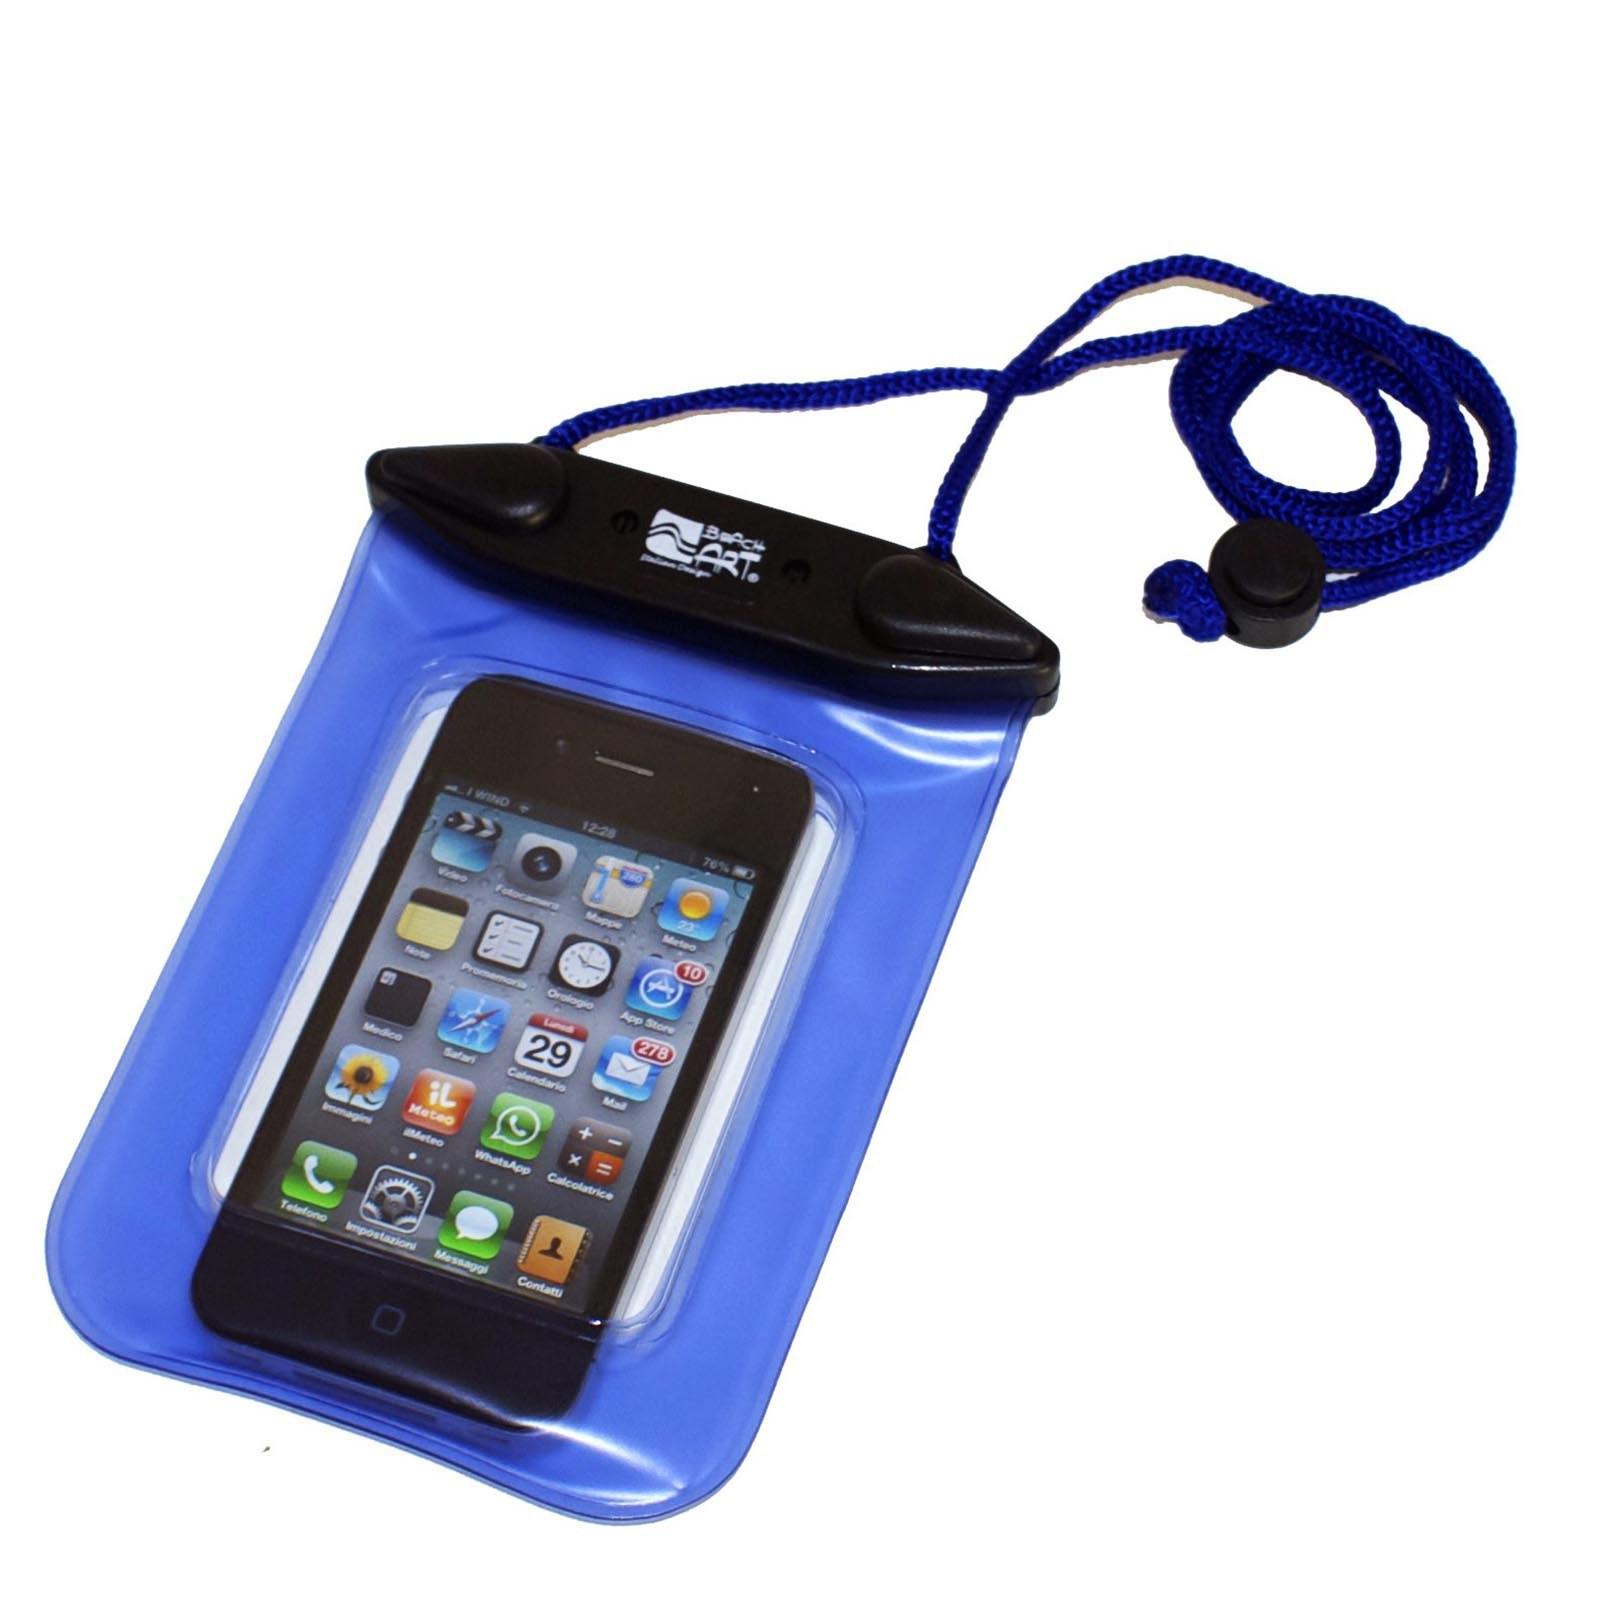 nuovo di zecca 03271 2aca9 CUSTODIA IMPERMEABILE STAGNA PER CELLULARE IPHONE PROTEZIONE ...